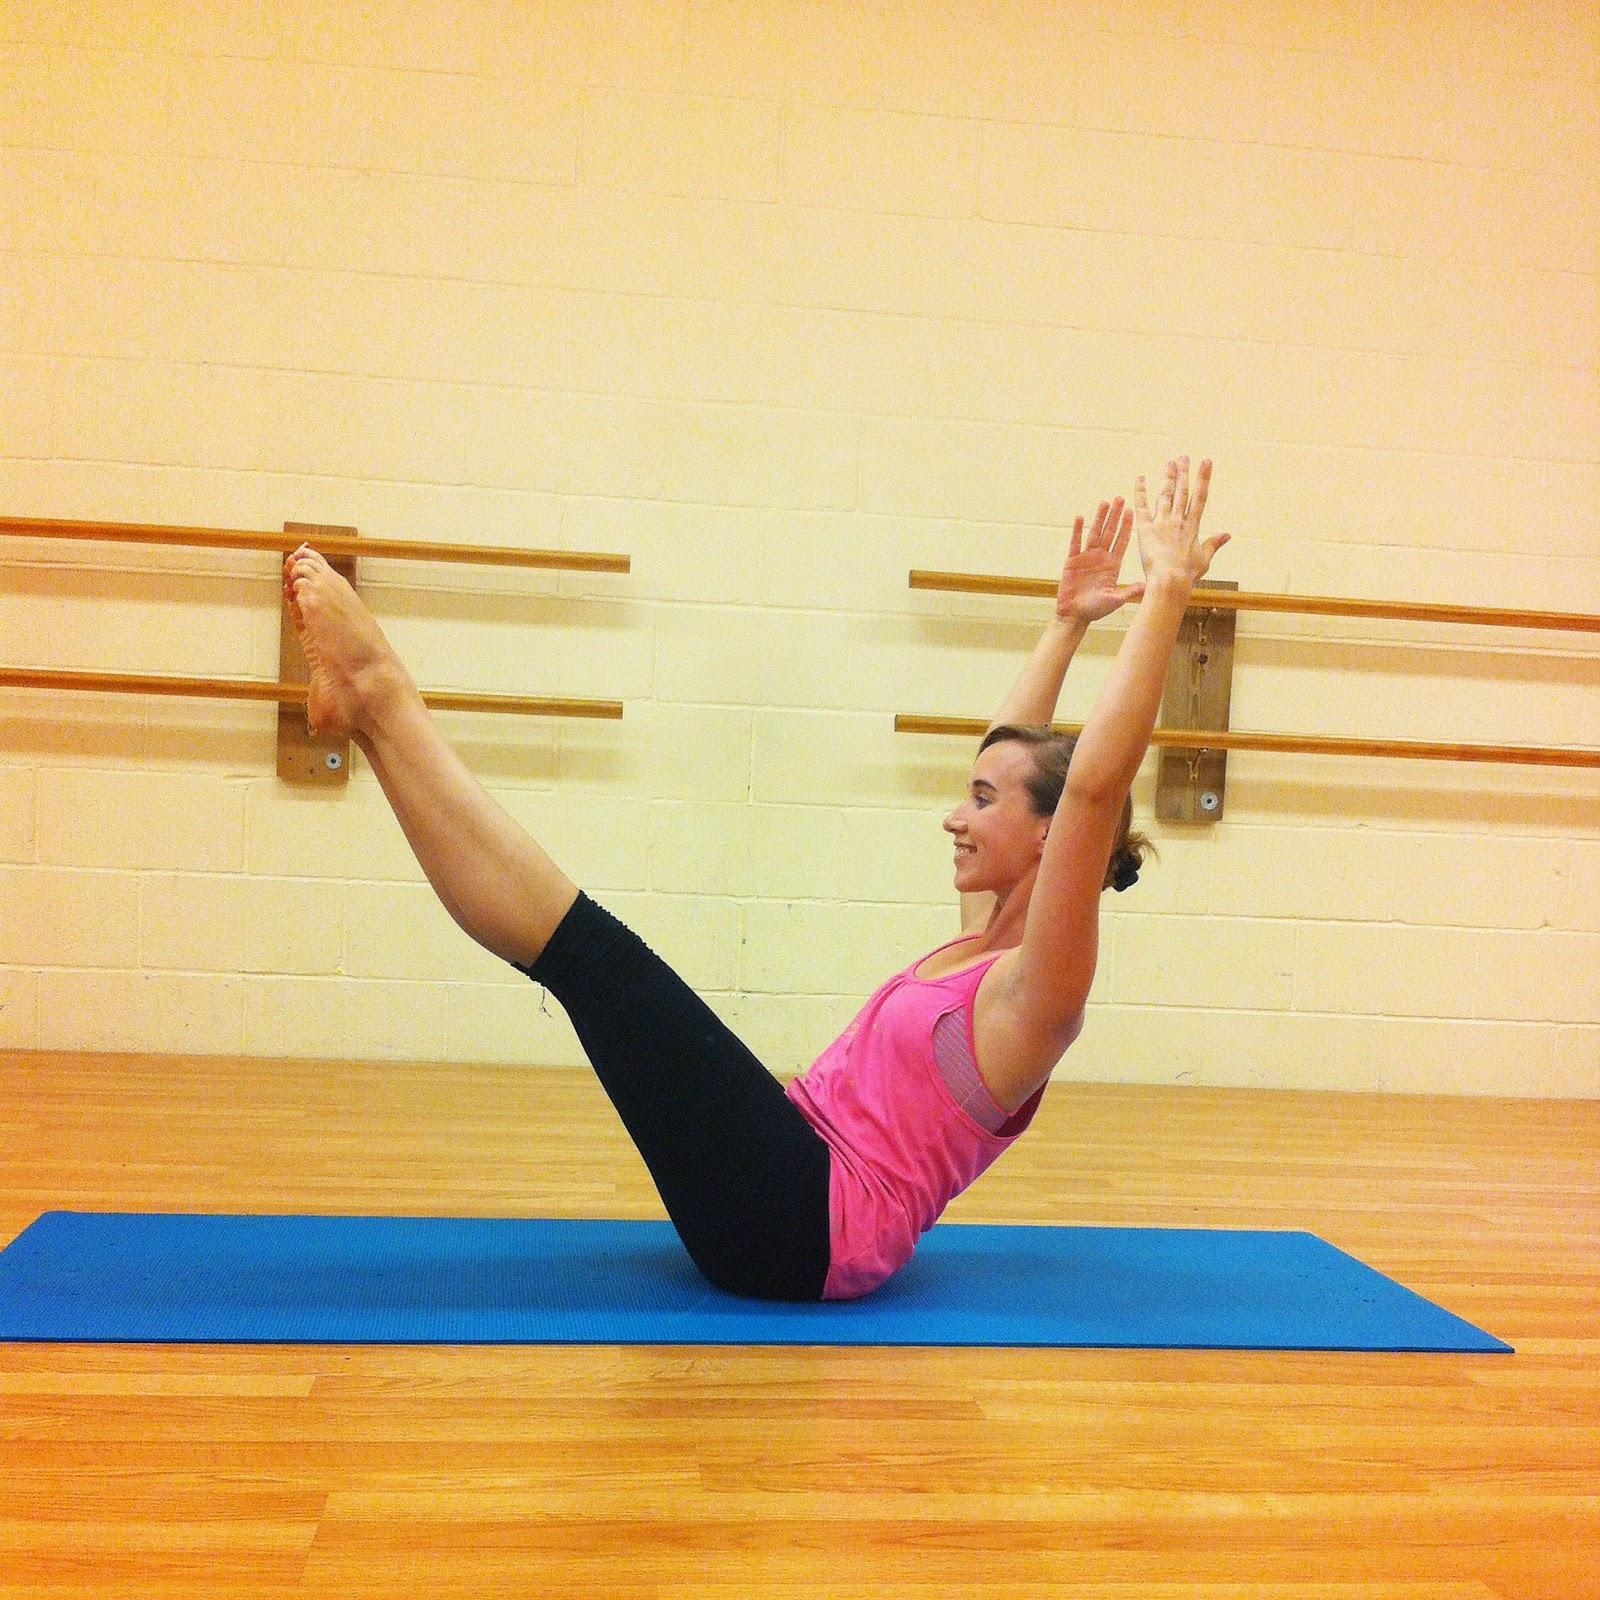 Sarah Badger: A Morning Pilates Mat Routine